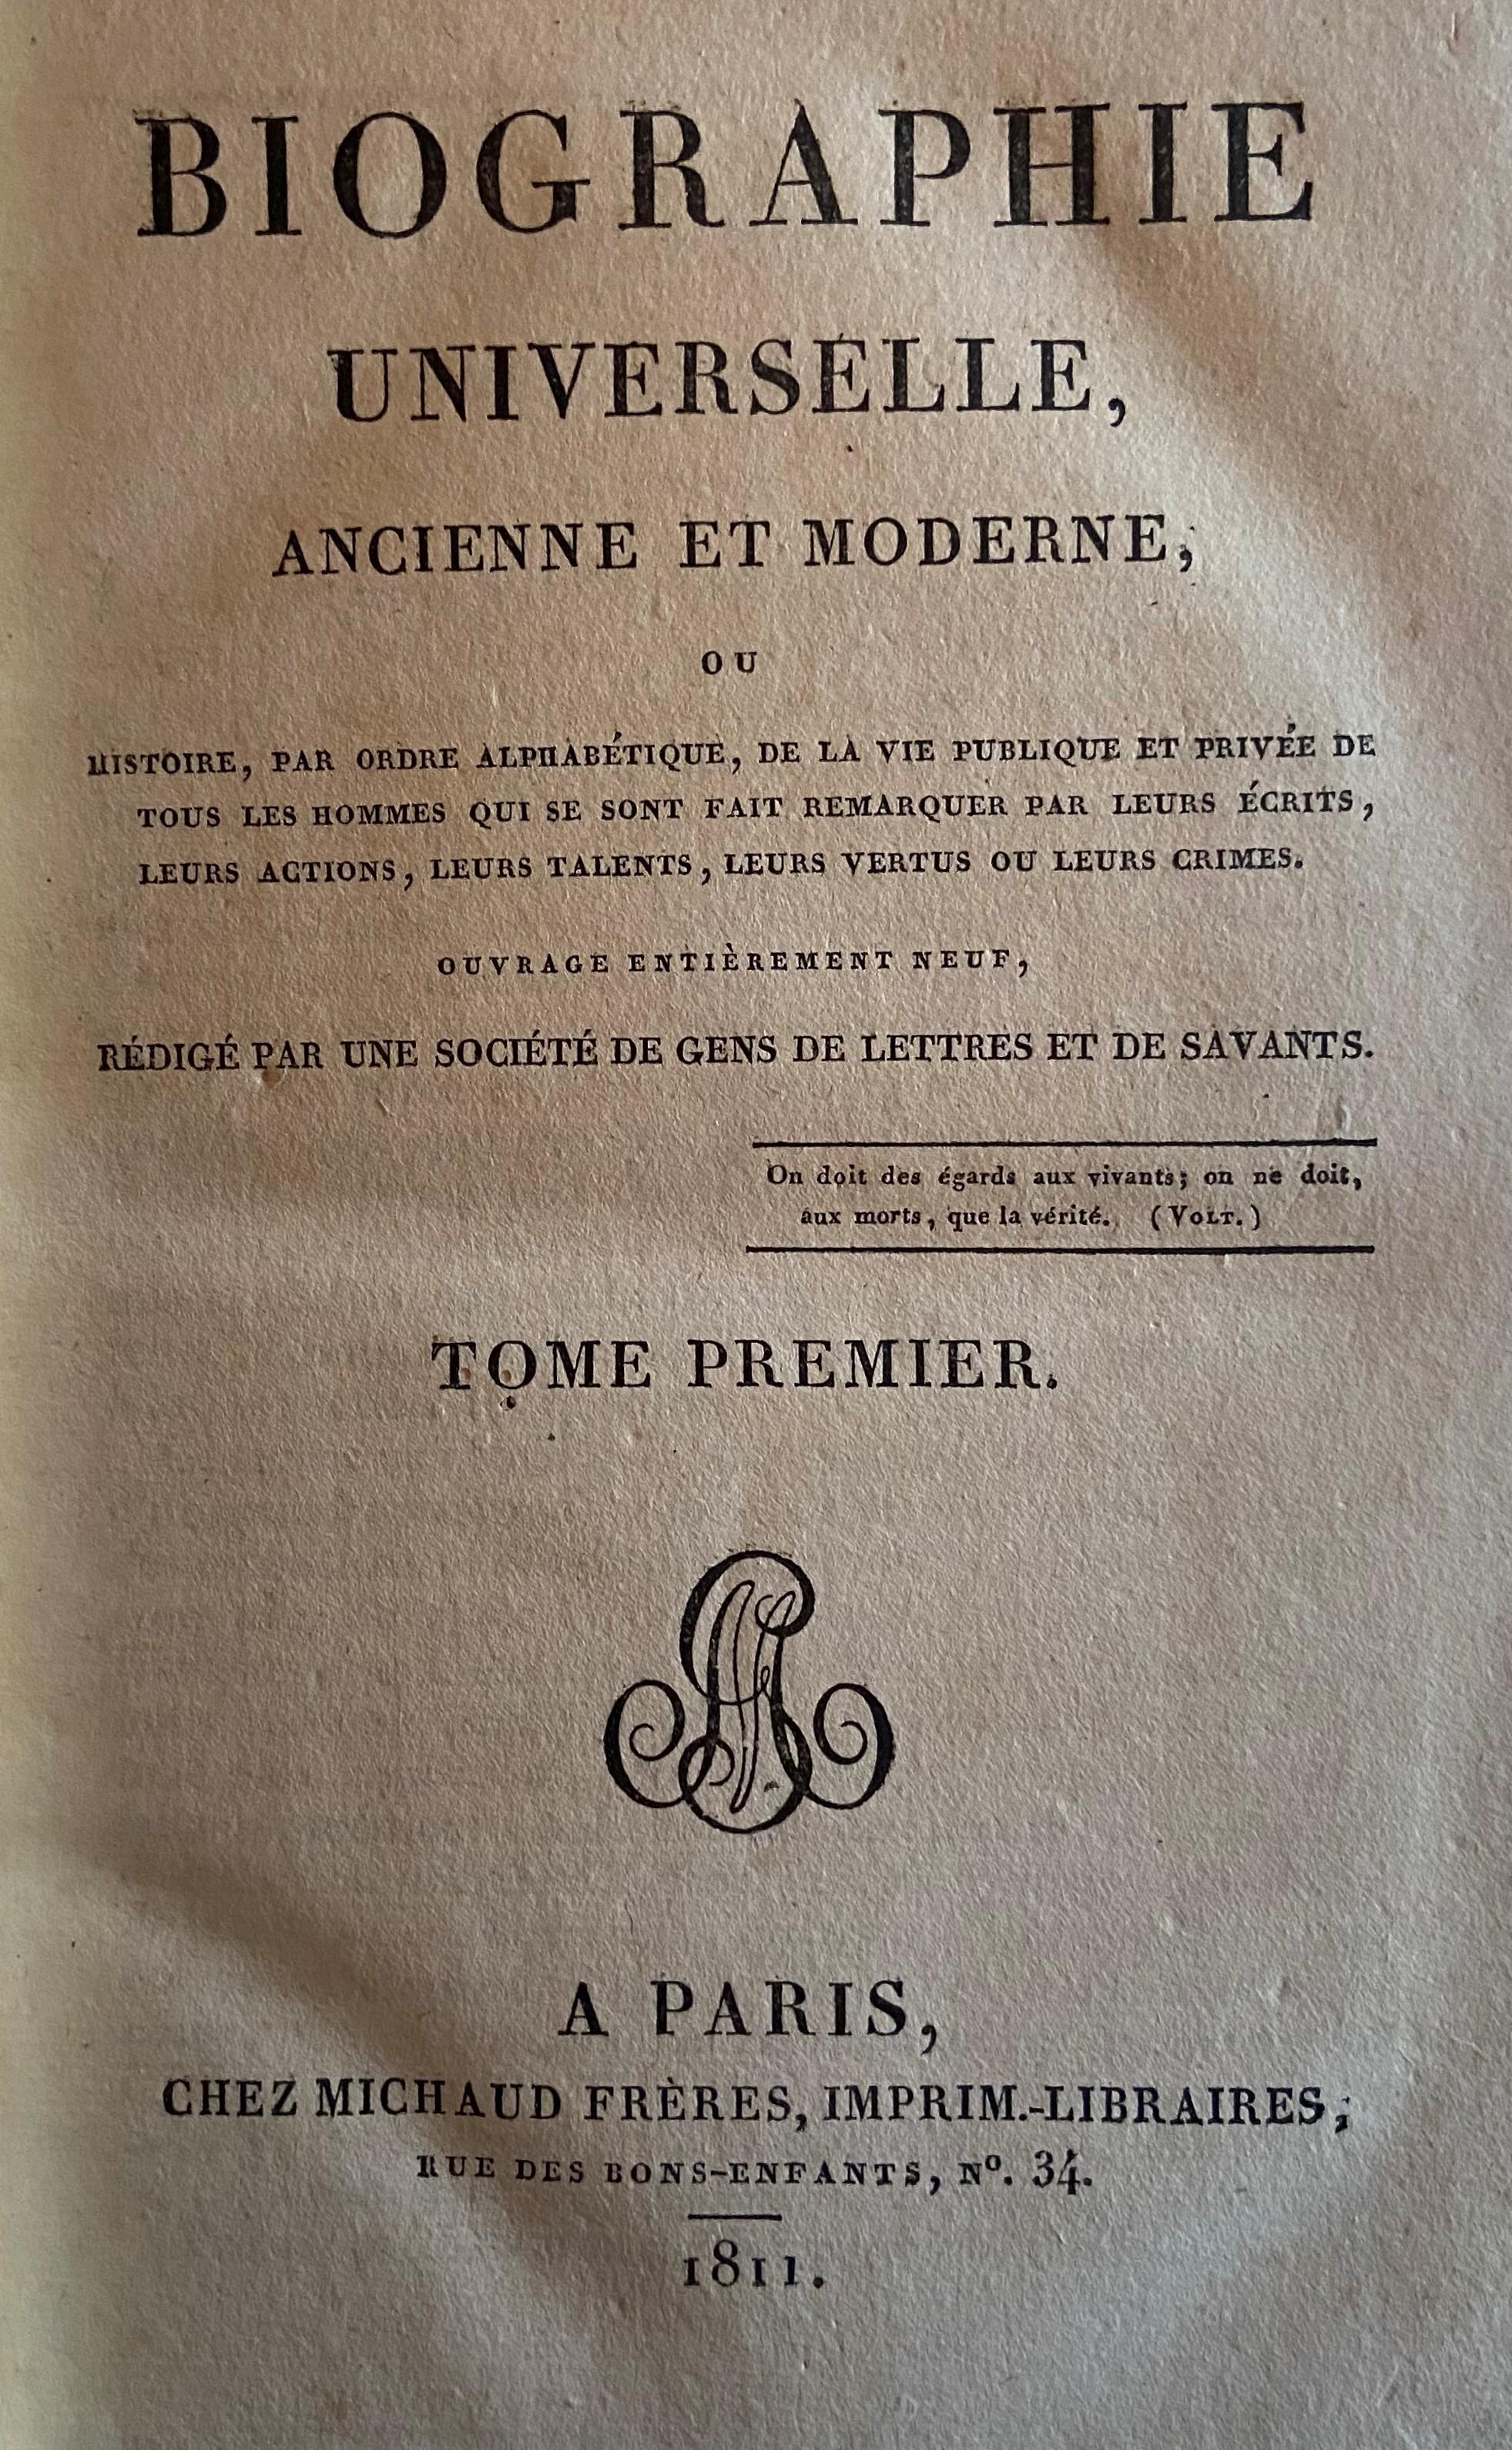 Bindings:ÿÿBiographie Universelle Ancienne et Modern, Vols. 1 - 85, together 85 vols. 8vo Paris 1811